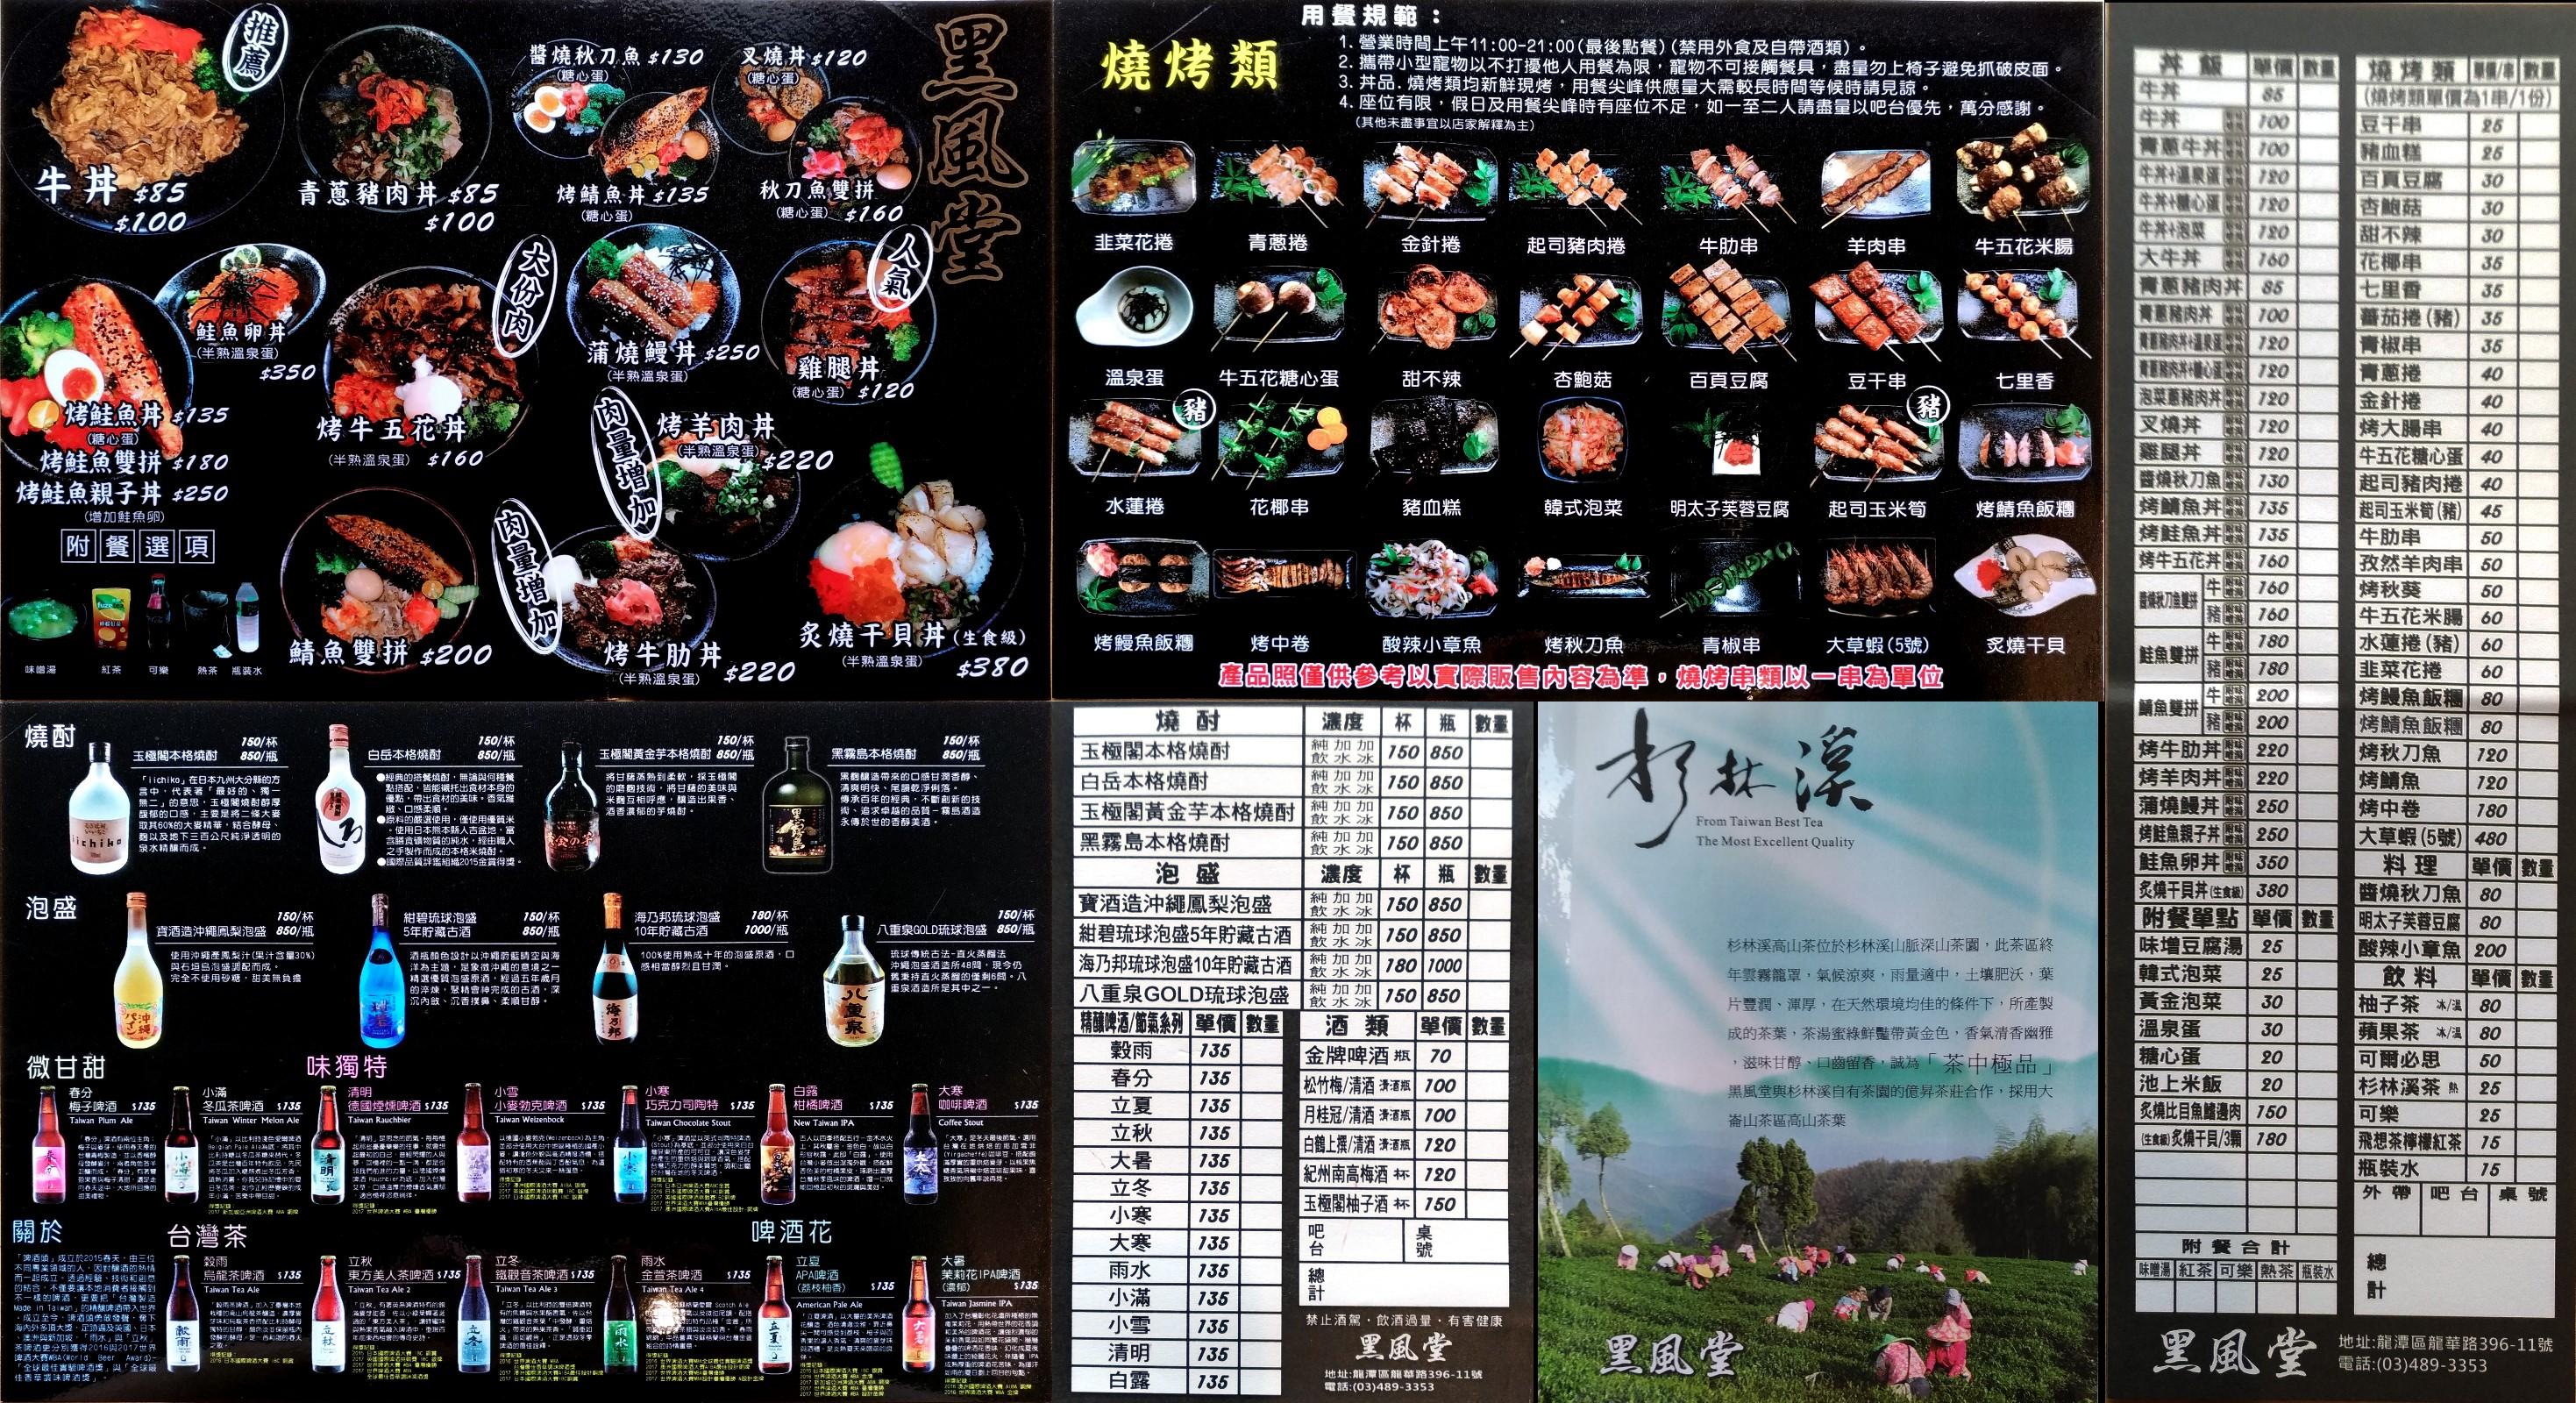 黑風堂 menu 2018.09.19